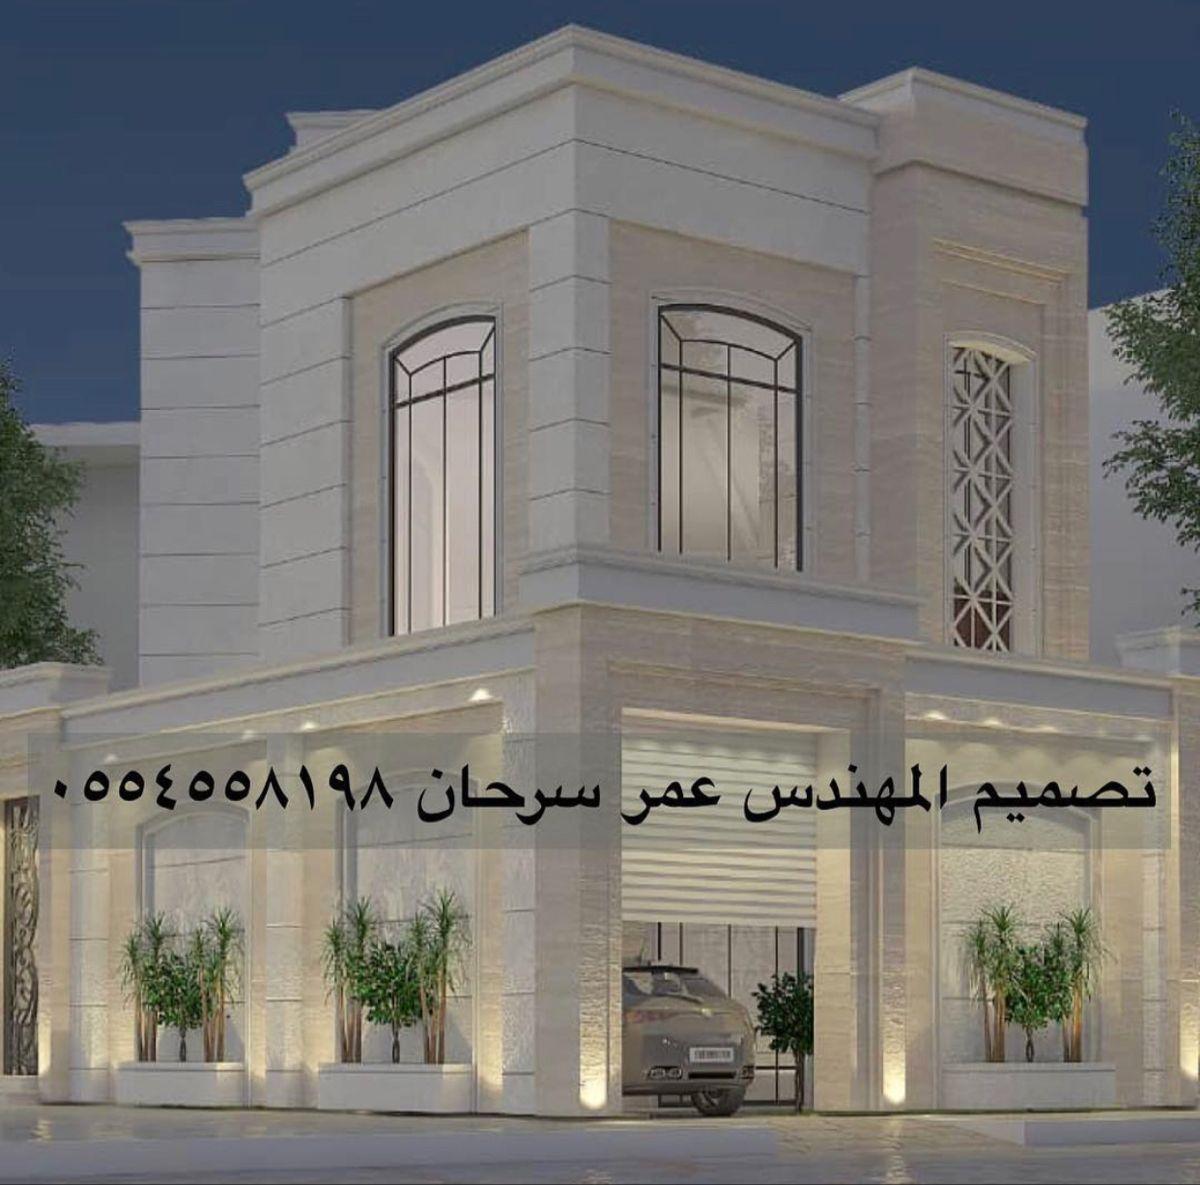 فلل مودرن In 2021 Modern House Facades House Front Design Classic House